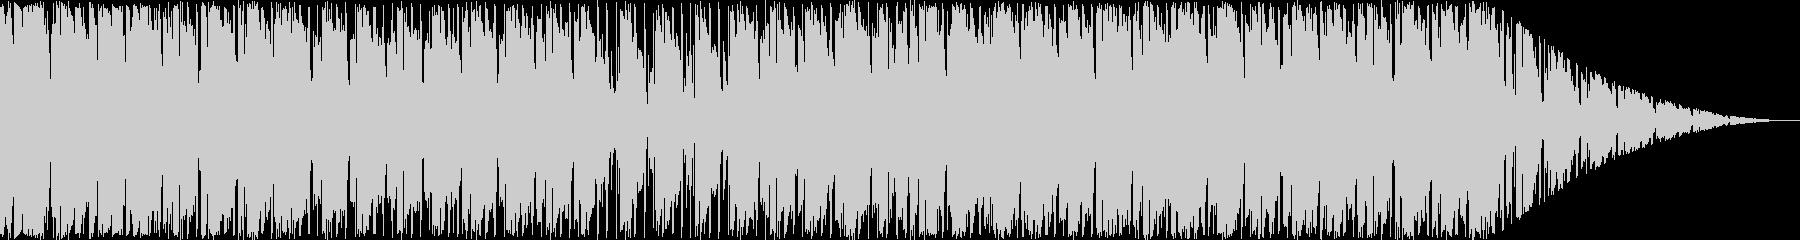 リラックスムードのヒップホップの未再生の波形